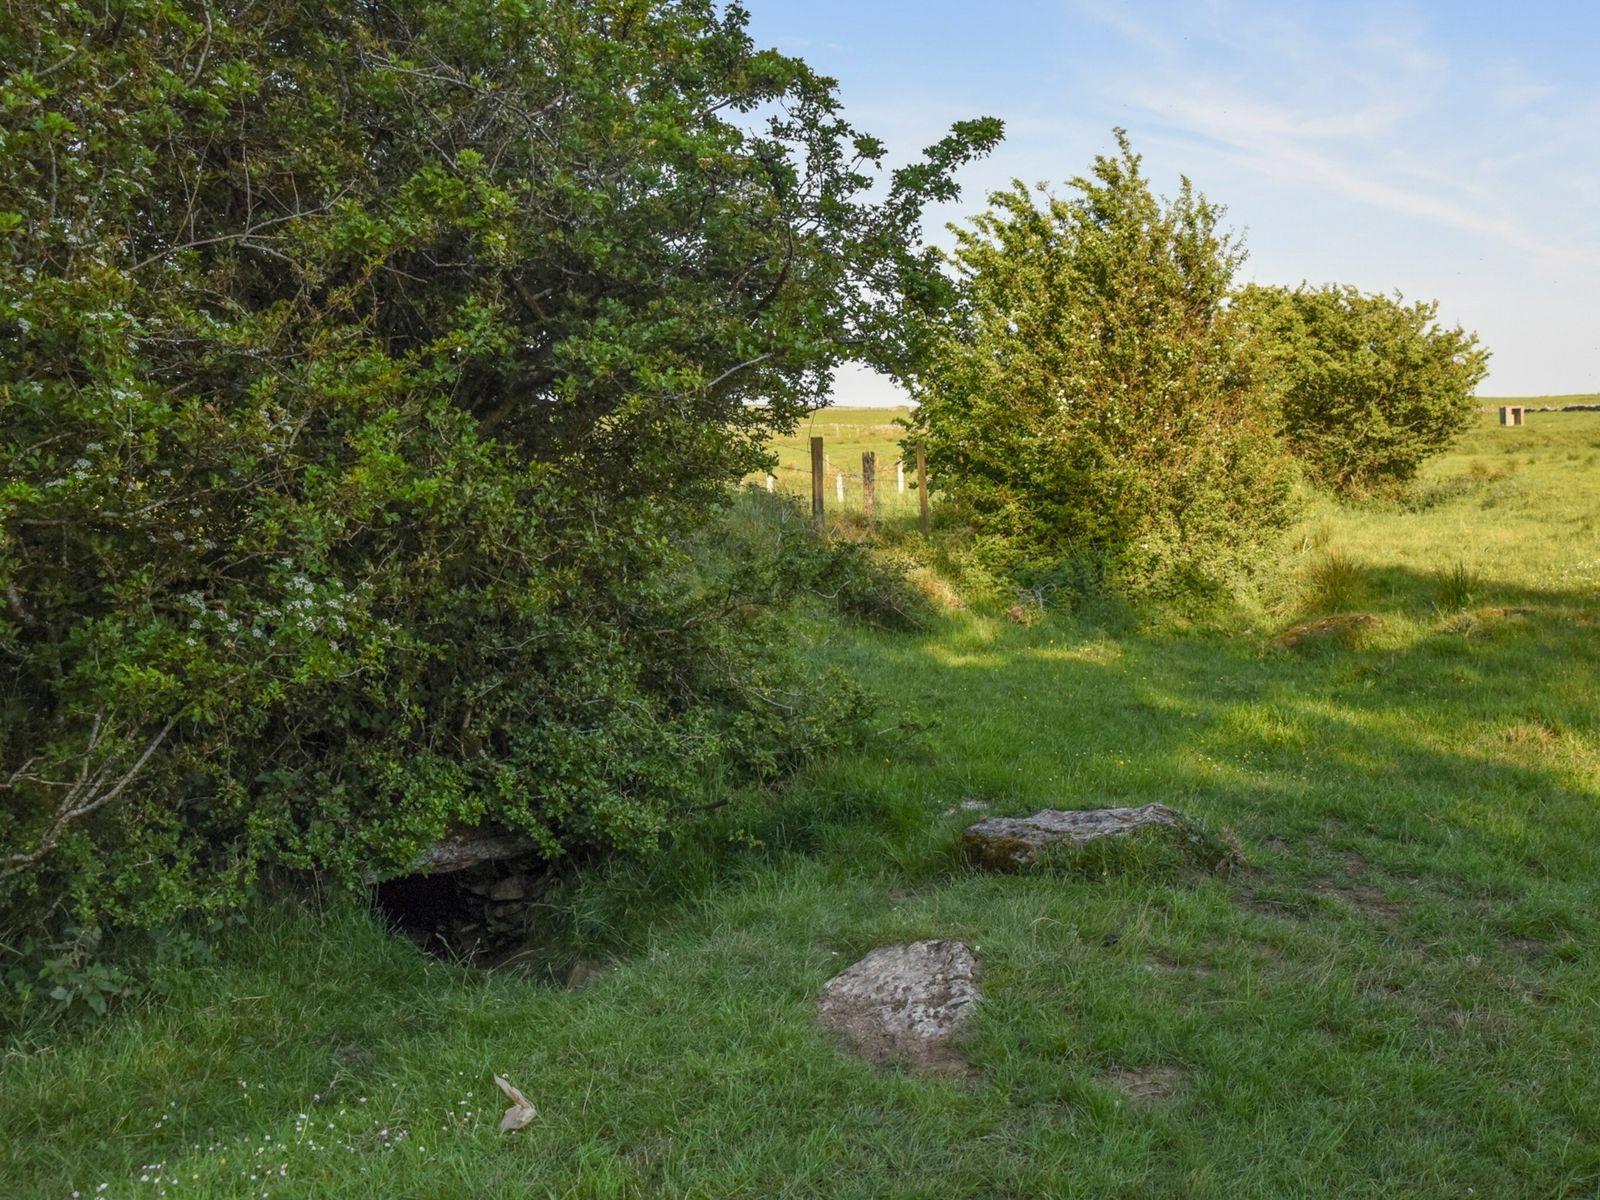 Oweynagat cave